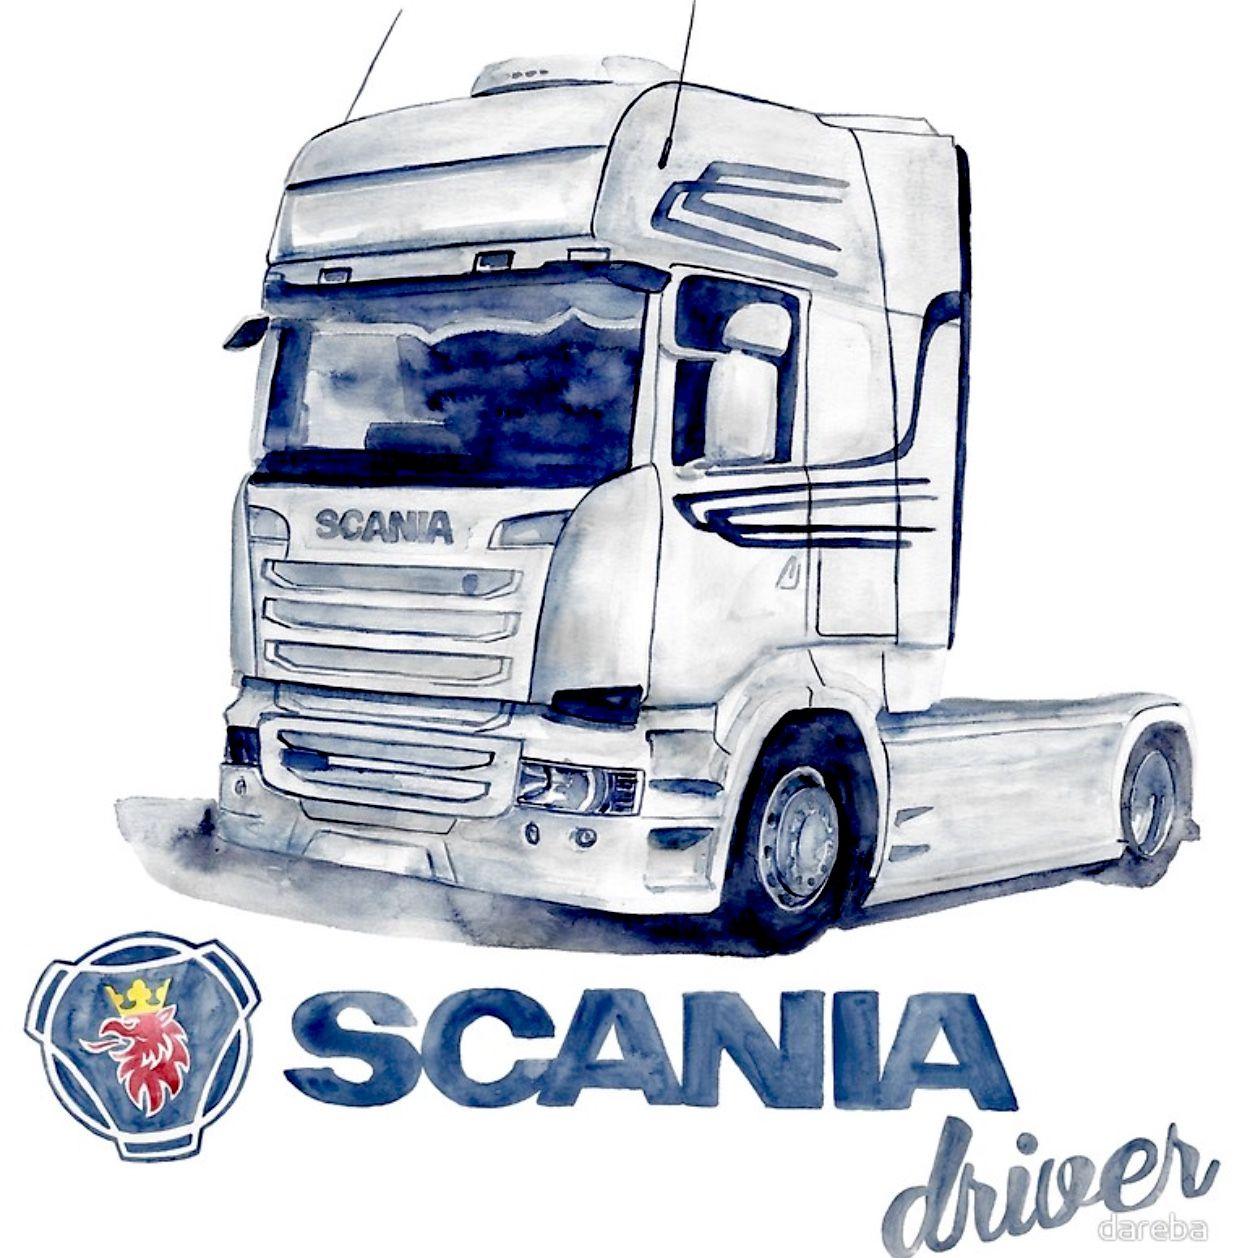 Pin De Paulie Em Everything Trucks Buses Etc Desenho De Caminhao Scania Imagens De Caminhao Desenho De Carreta